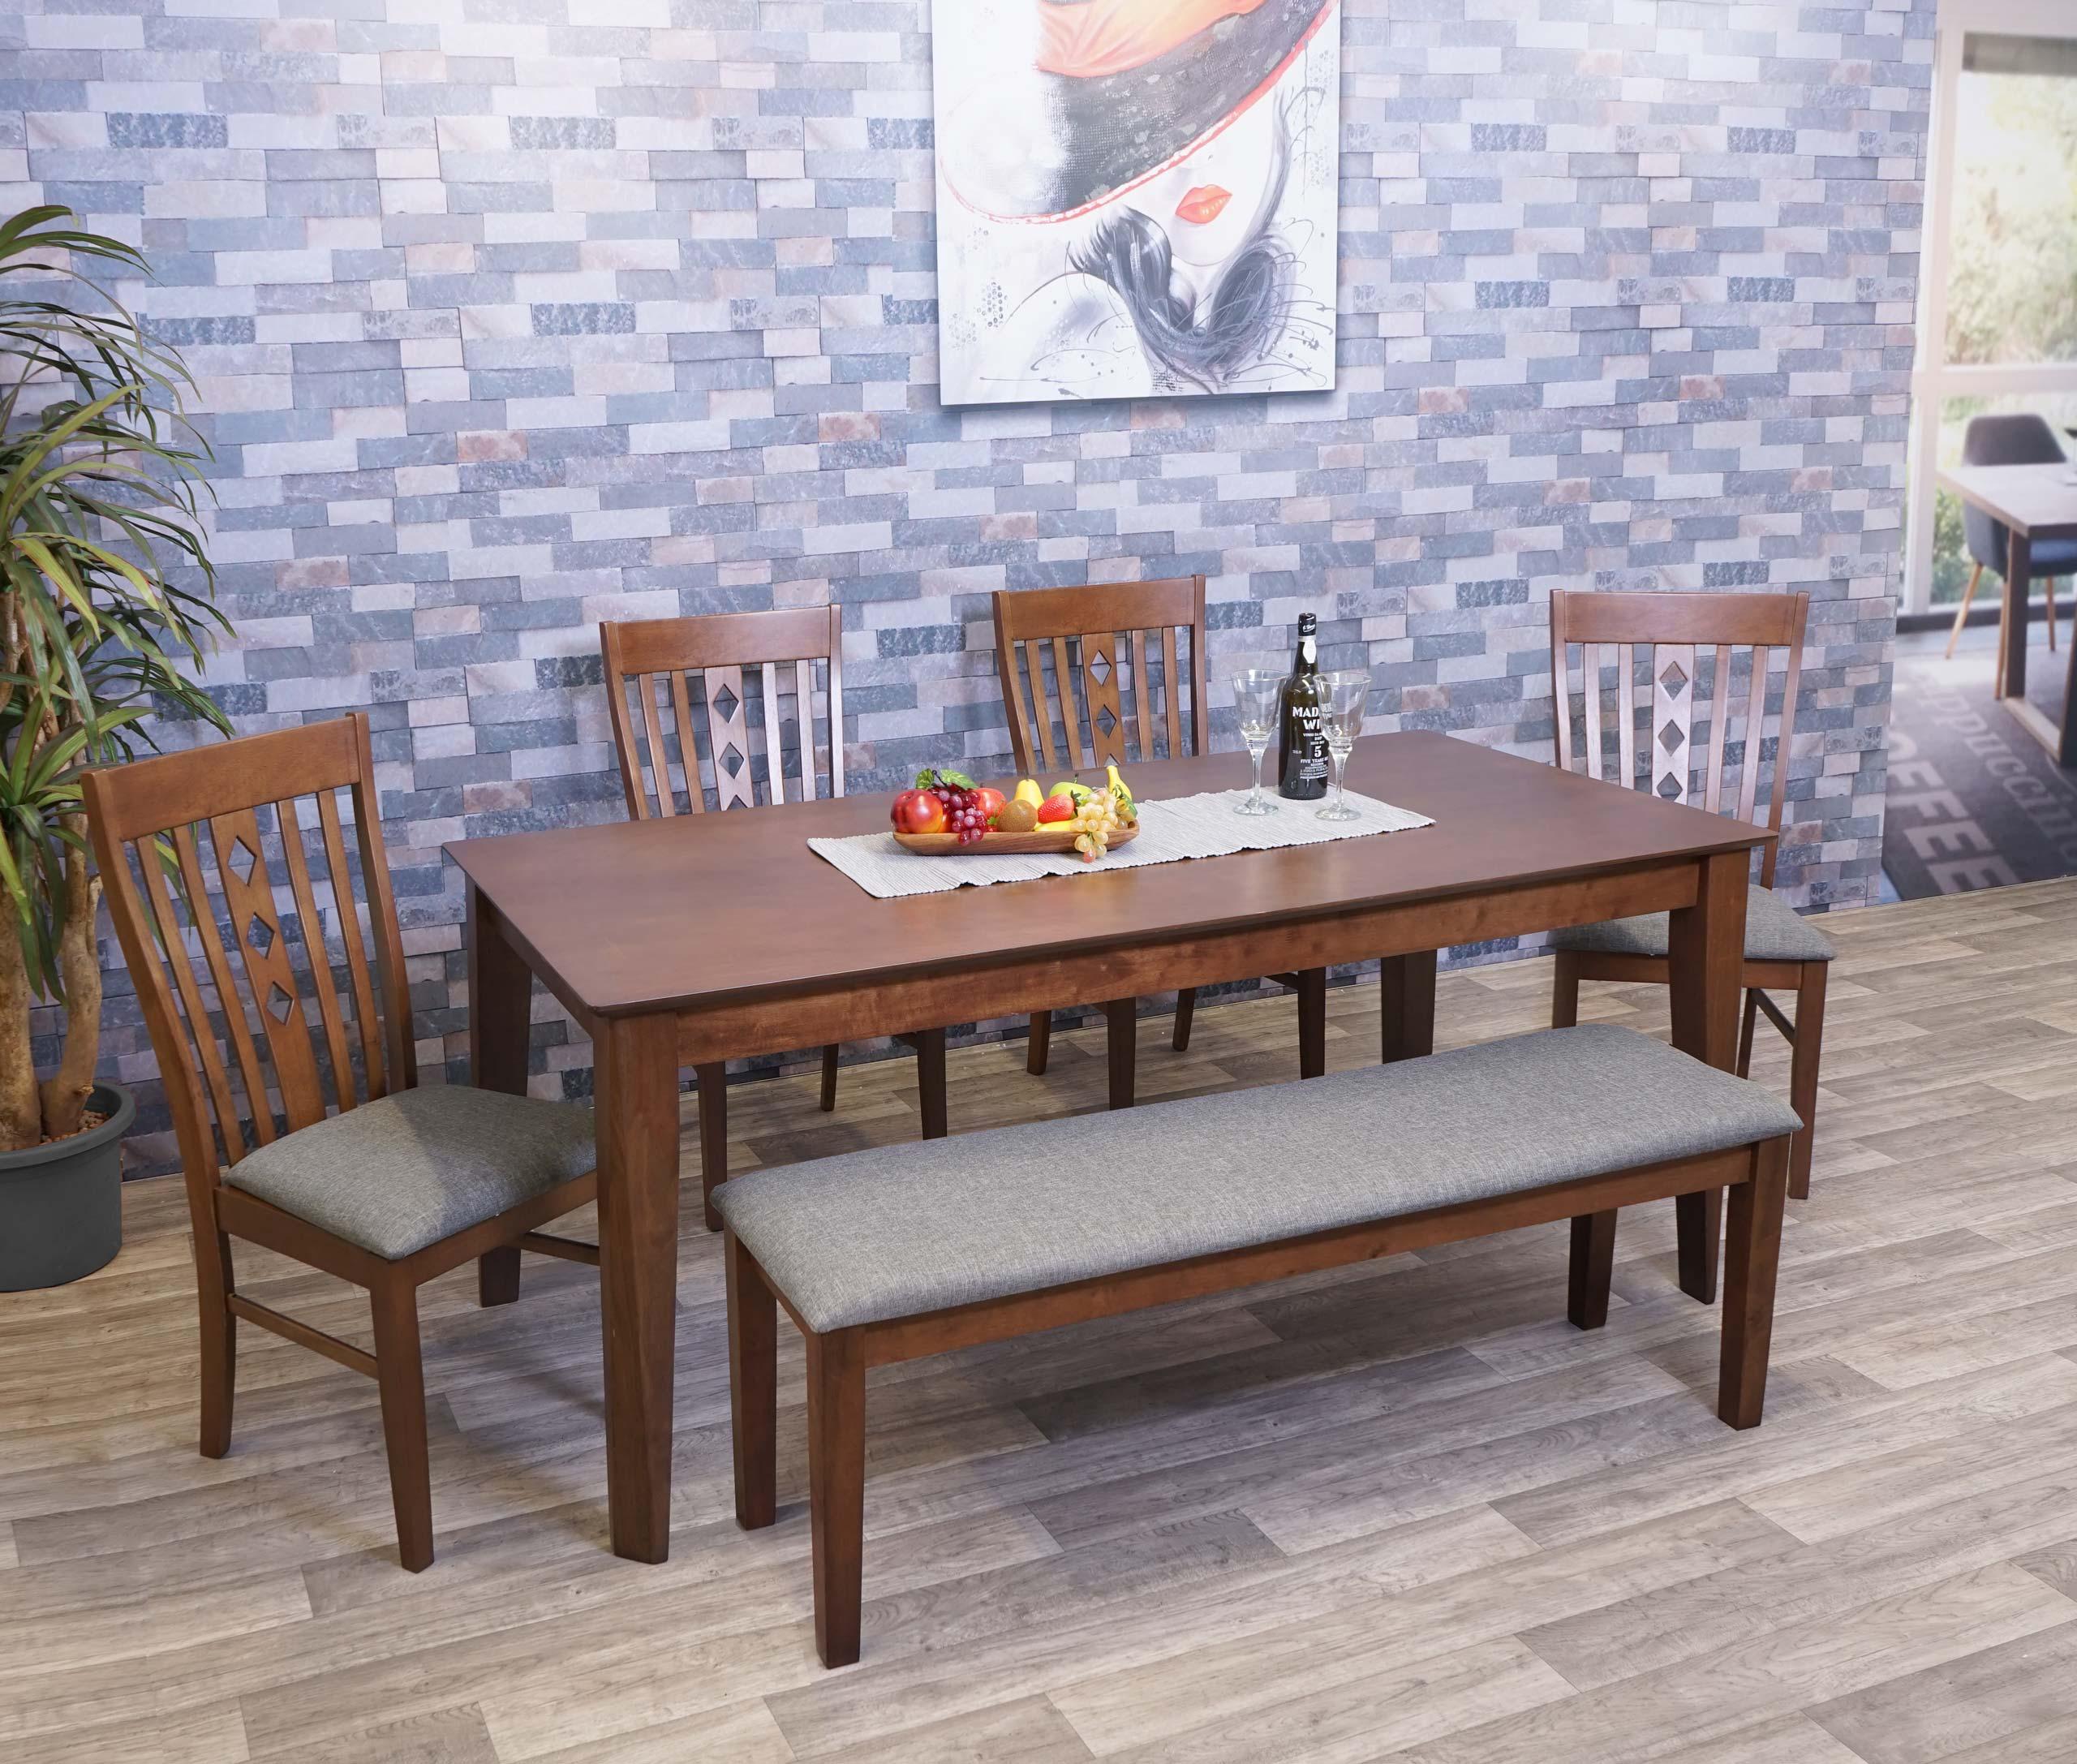 Mendler Esszimmer-Set HWC-G62a, Essgruppe Esszimmergruppe Esszimmergarnitur Sitzgruppe, Stoff/Textil Massiv- 2x71811+71816+71819